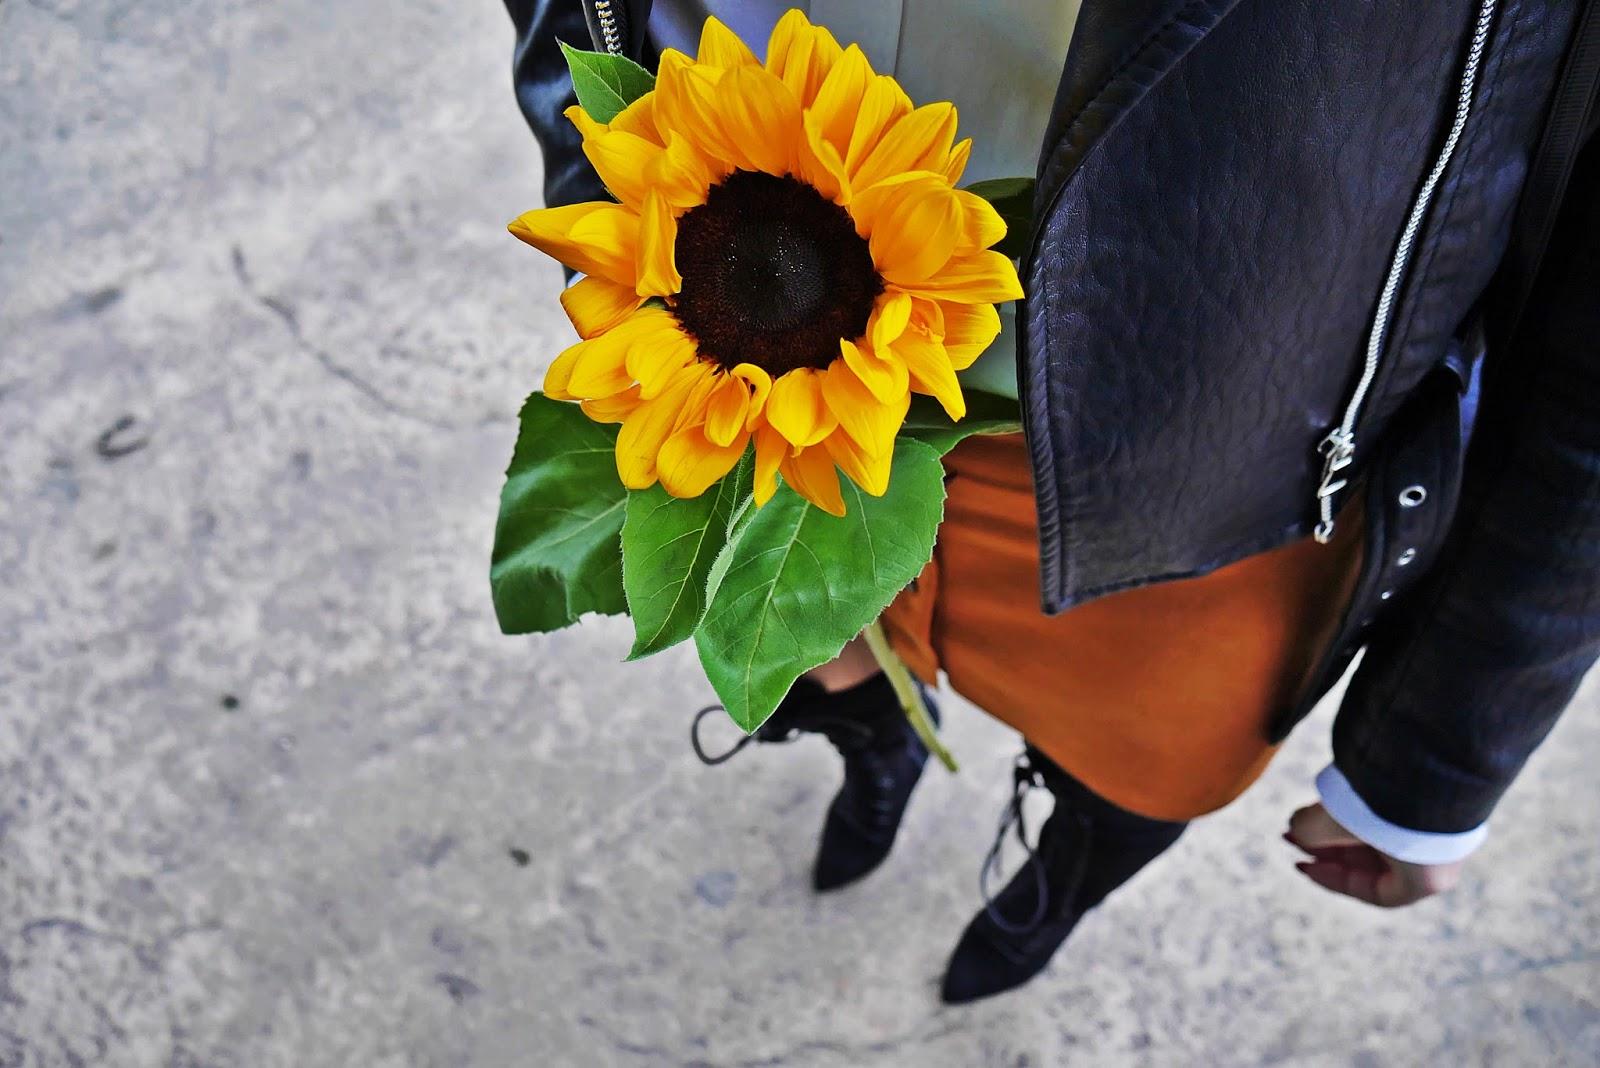 9_sunflower_ruda_spodnica_guziki_czarna_kurtka_ramoneska_biala_koszula_karyn_blog_modowy_260917